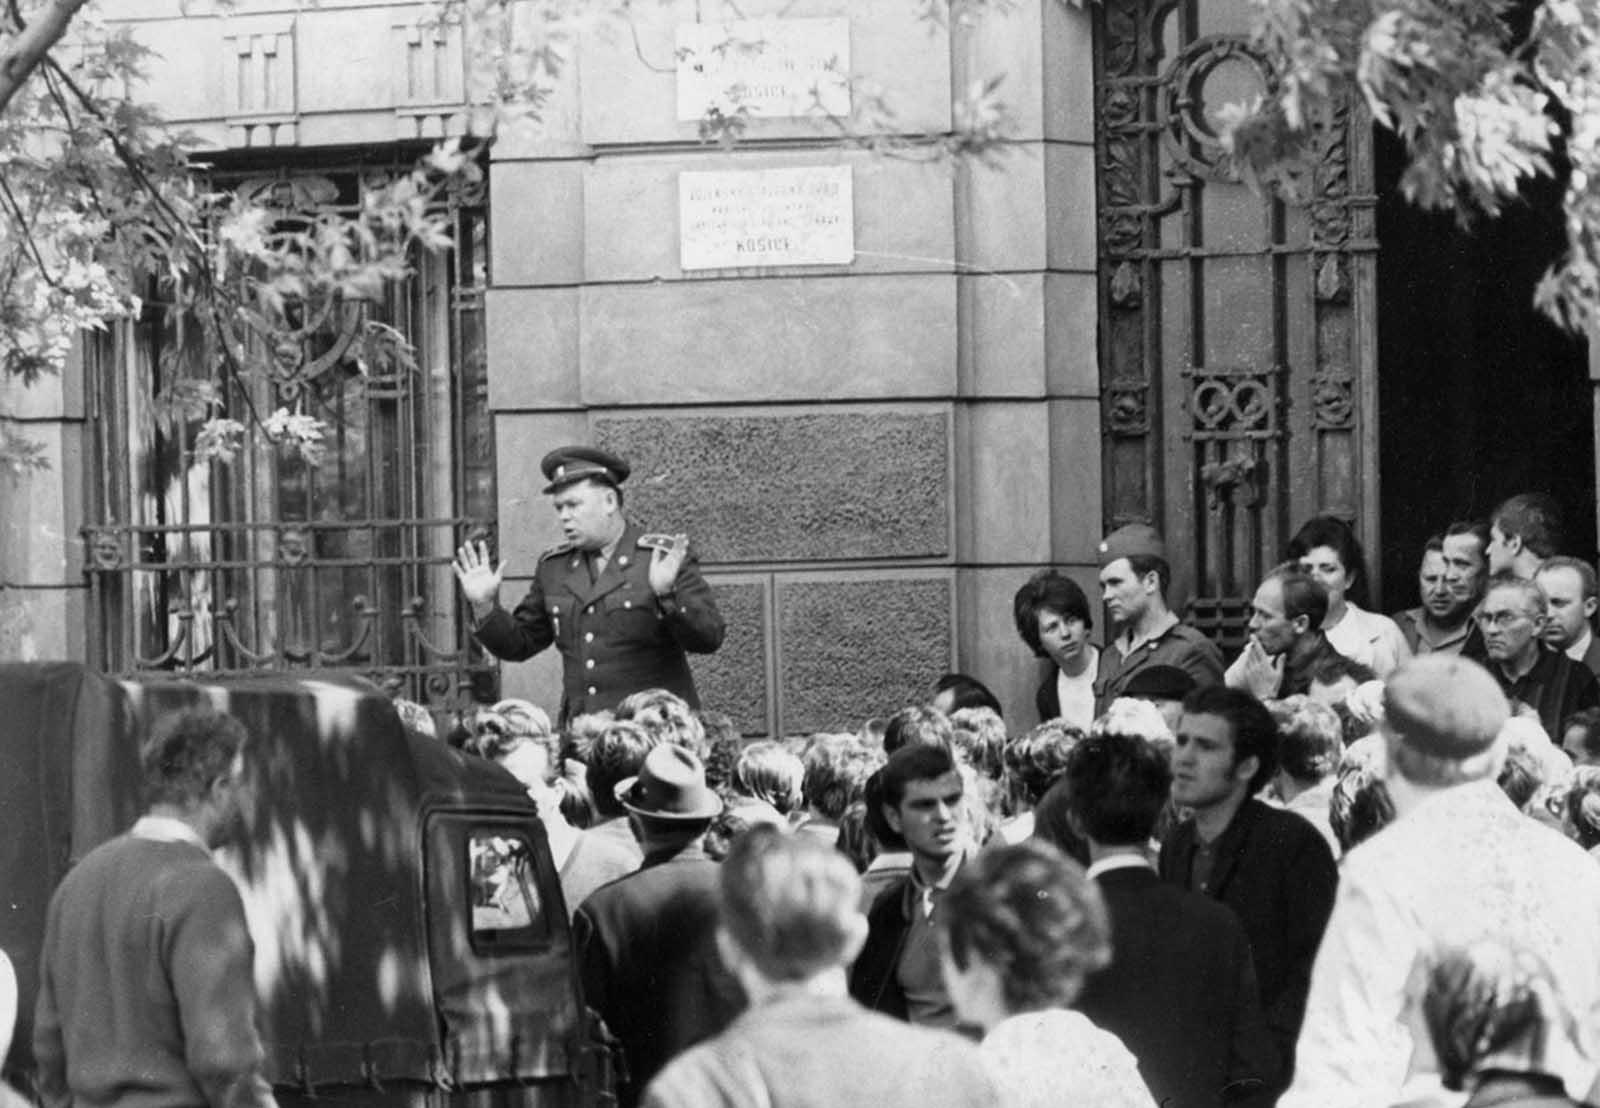 Un miembro del ejército checoslovaco es abucheado por los lugareños en Košice, Checoslovaquia, el 21 de agosto de 1968, cuando se dirige a ellos fuera del ayuntamiento poco después de que las tropas hubieran ocupado la ciudad como parte de la invasión soviética.